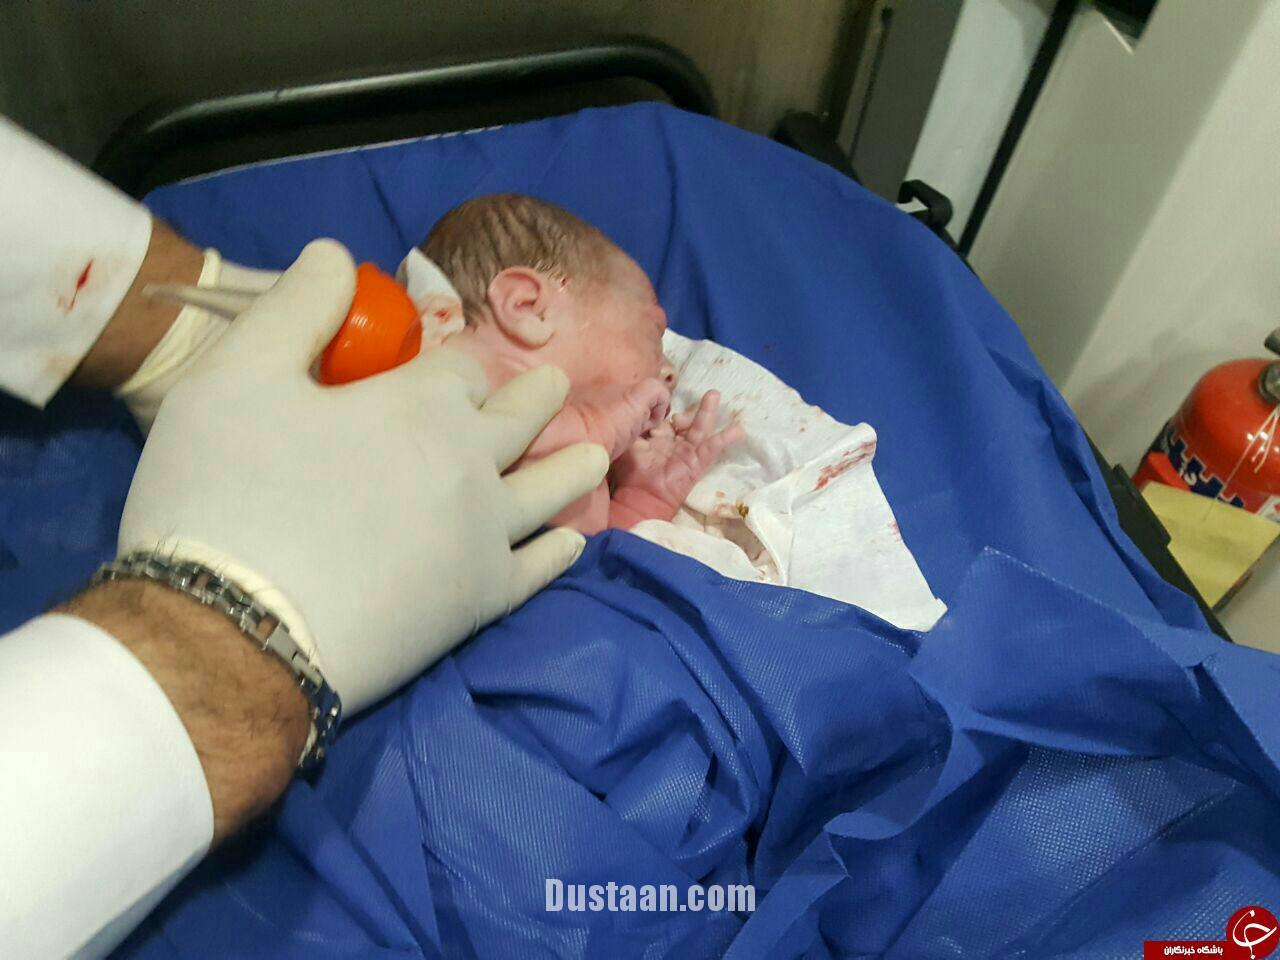 ع  پسر تصاویری از تولد نوزاد عجول درون خودروی آمبولانس! - مجله ...